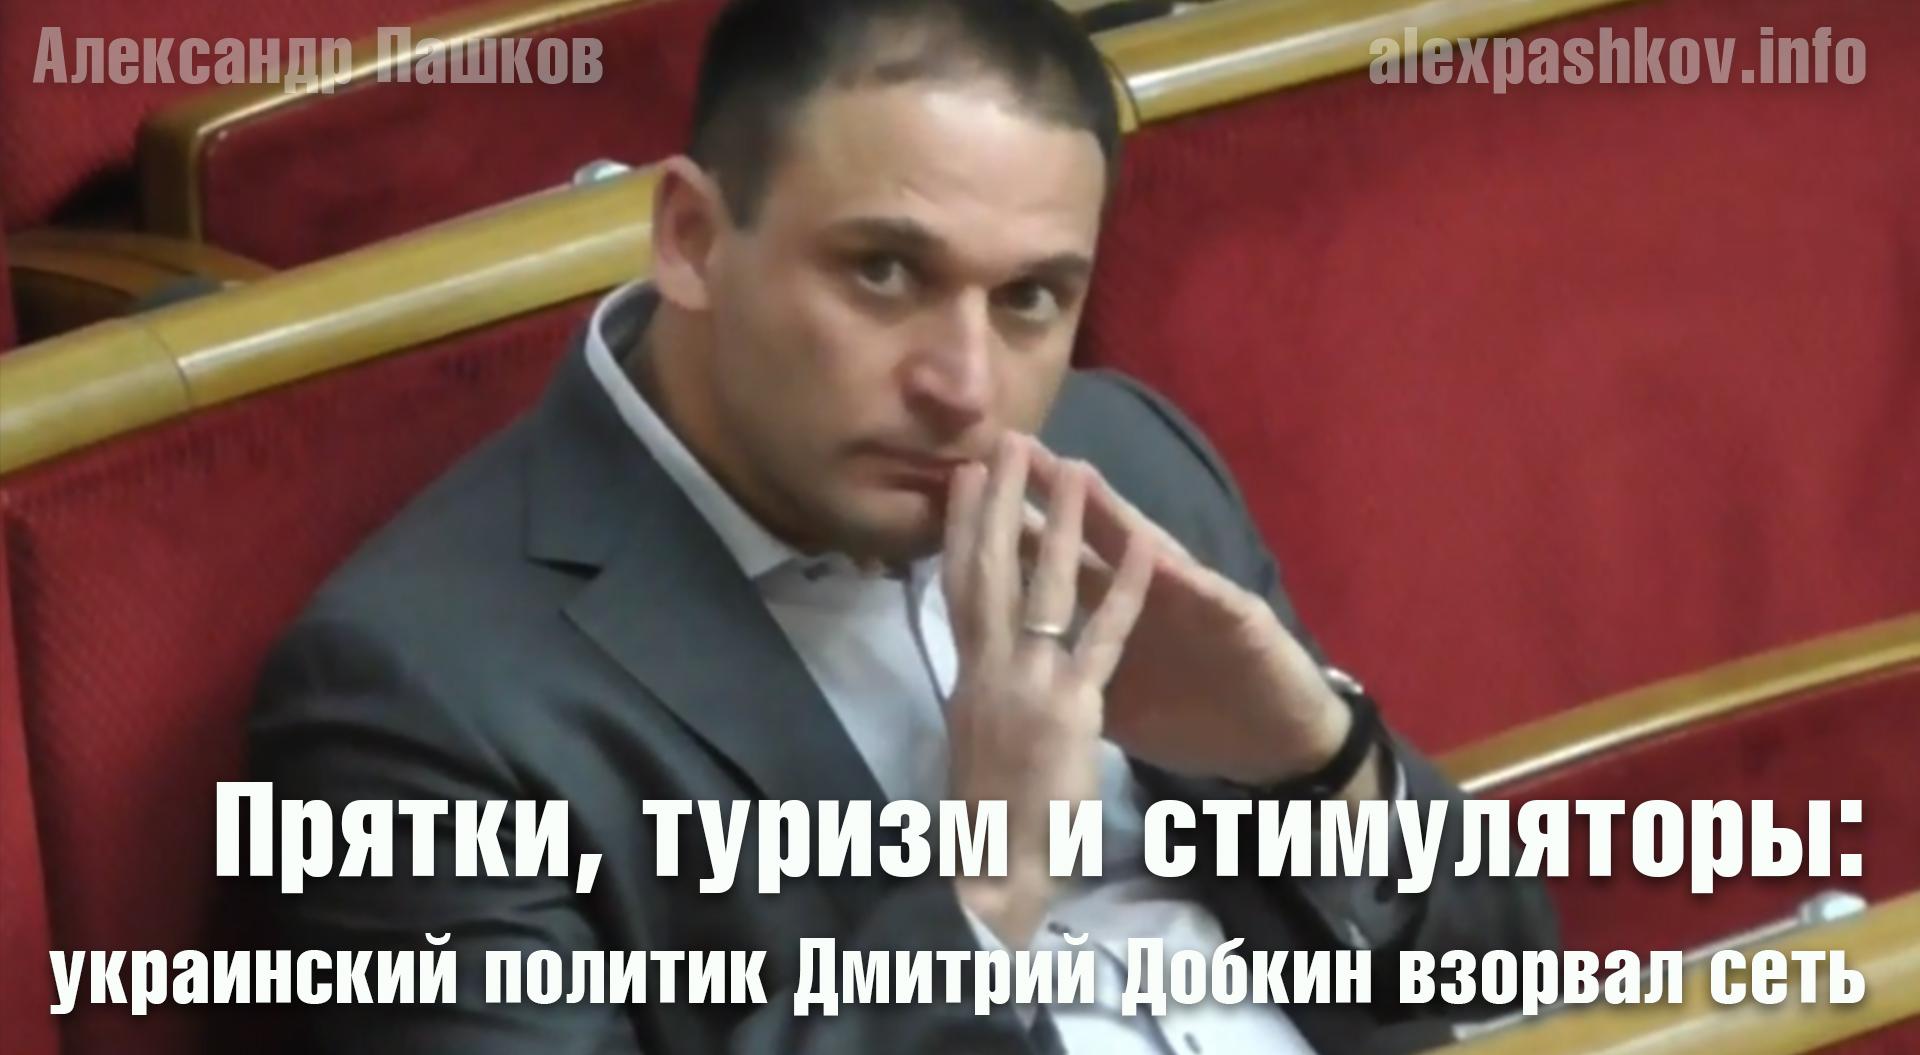 Прятки, туризм и стимуляторы: украинский политик Дмитрий Добкин взорвал сеть